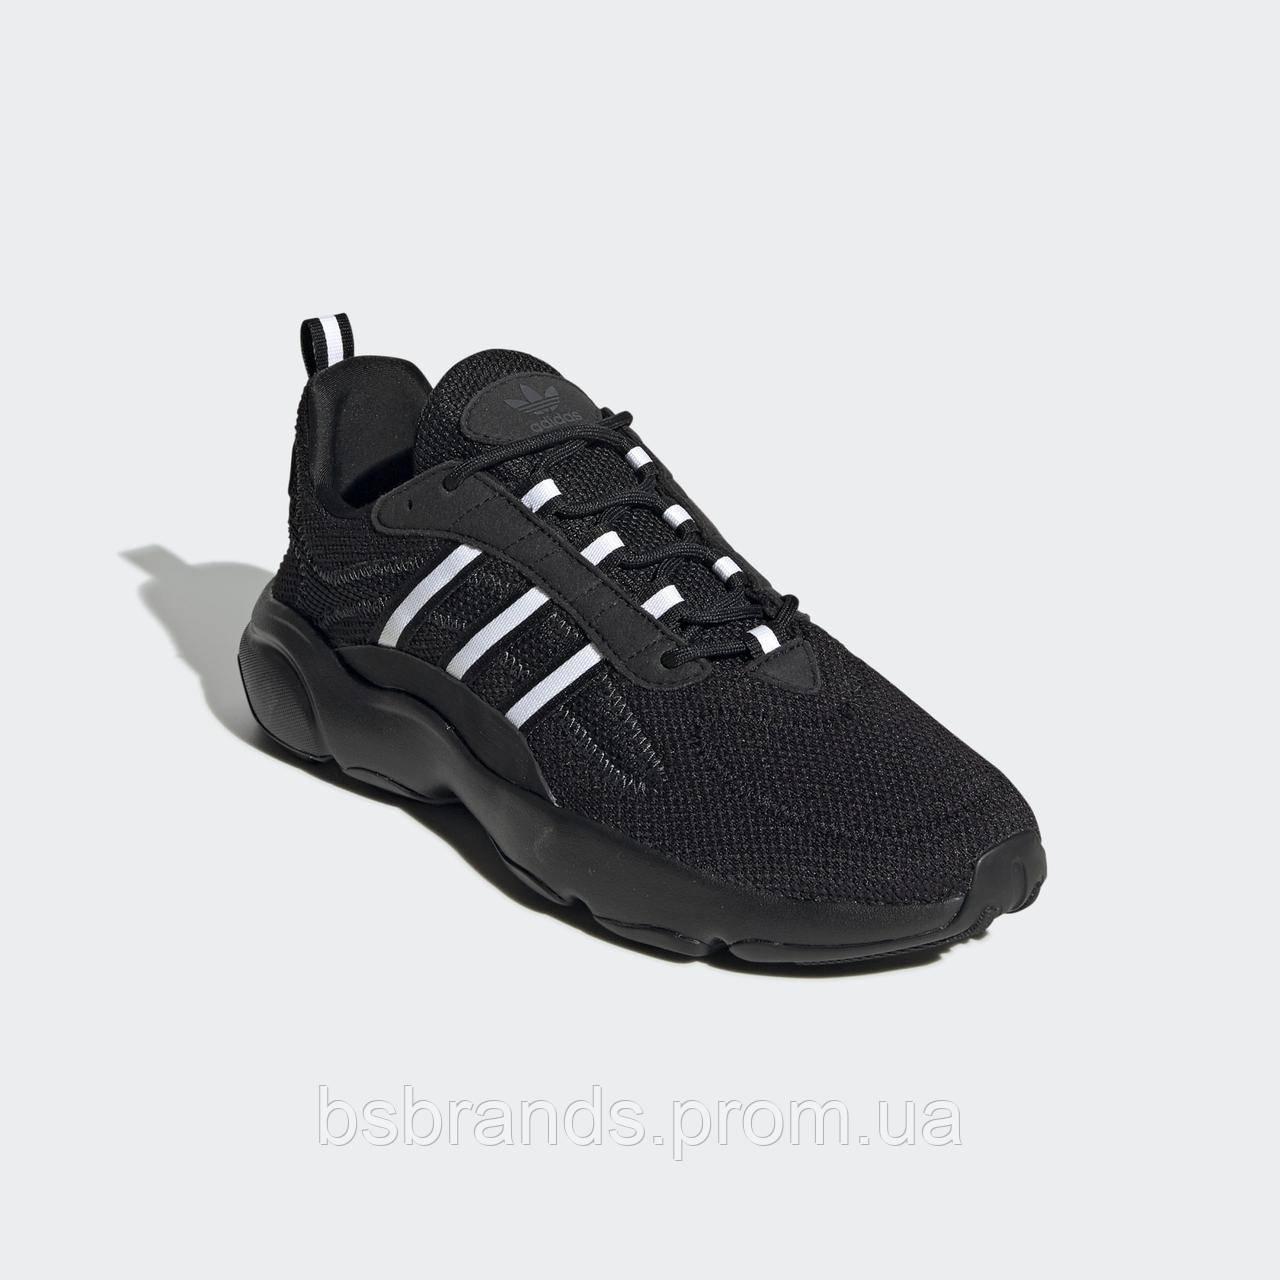 Чоловічі кросівки adidas Haiwee EG9575 (2020/1)